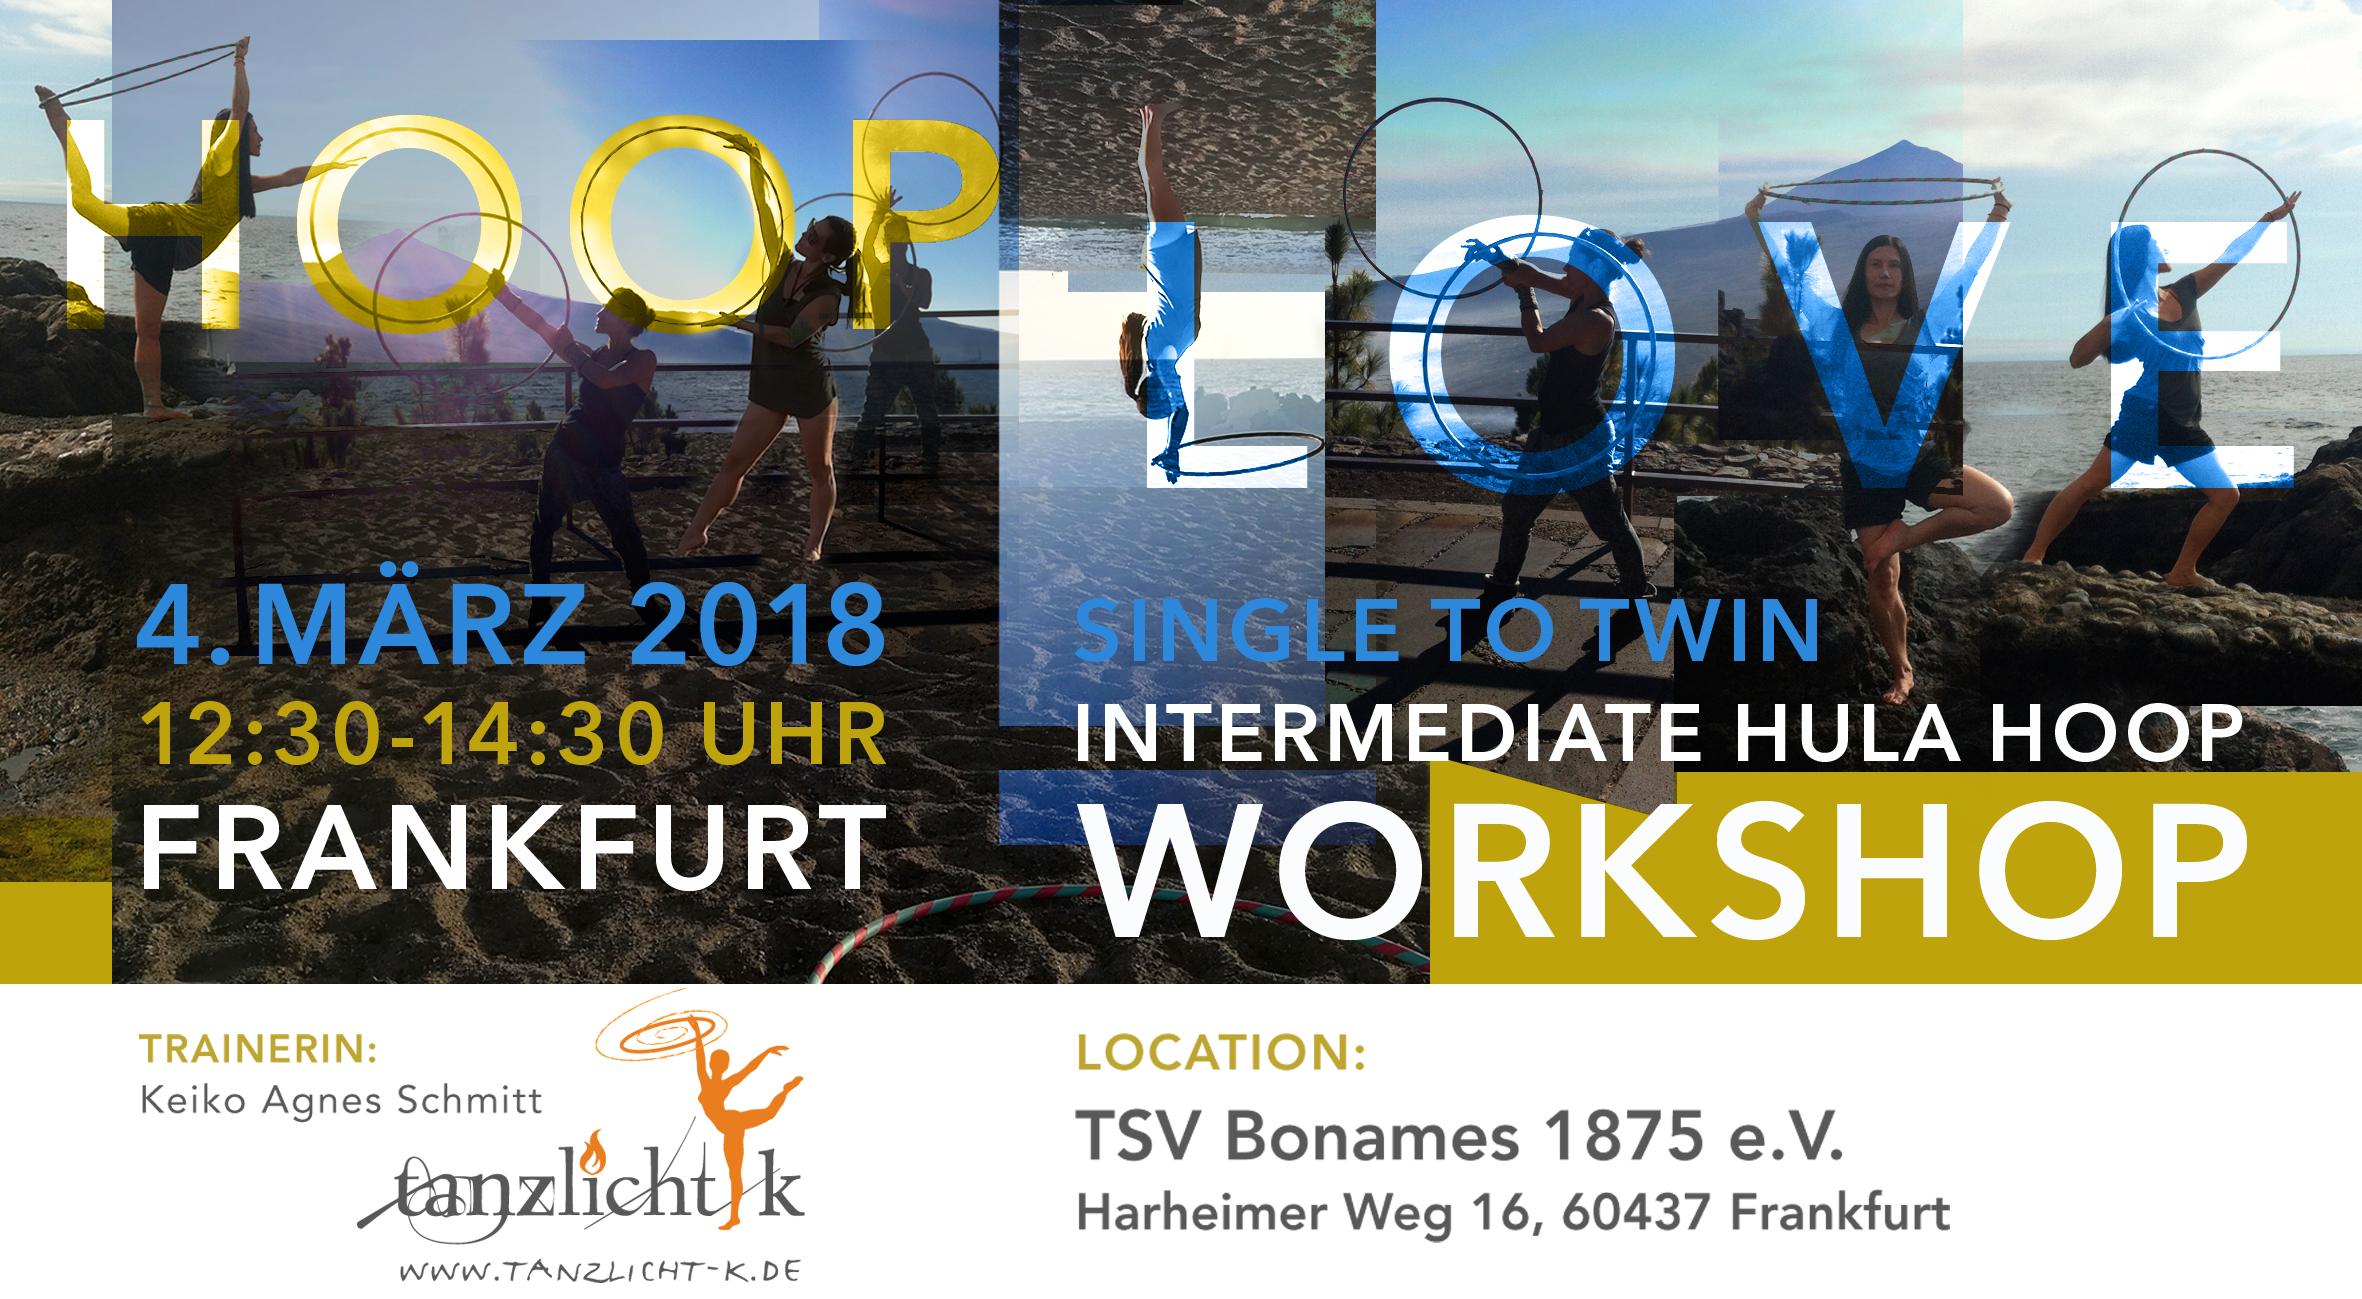 Hula Hoop Yoga und Hula Hoop Workshop für Fortgeschrittene in Frankfurt am Main